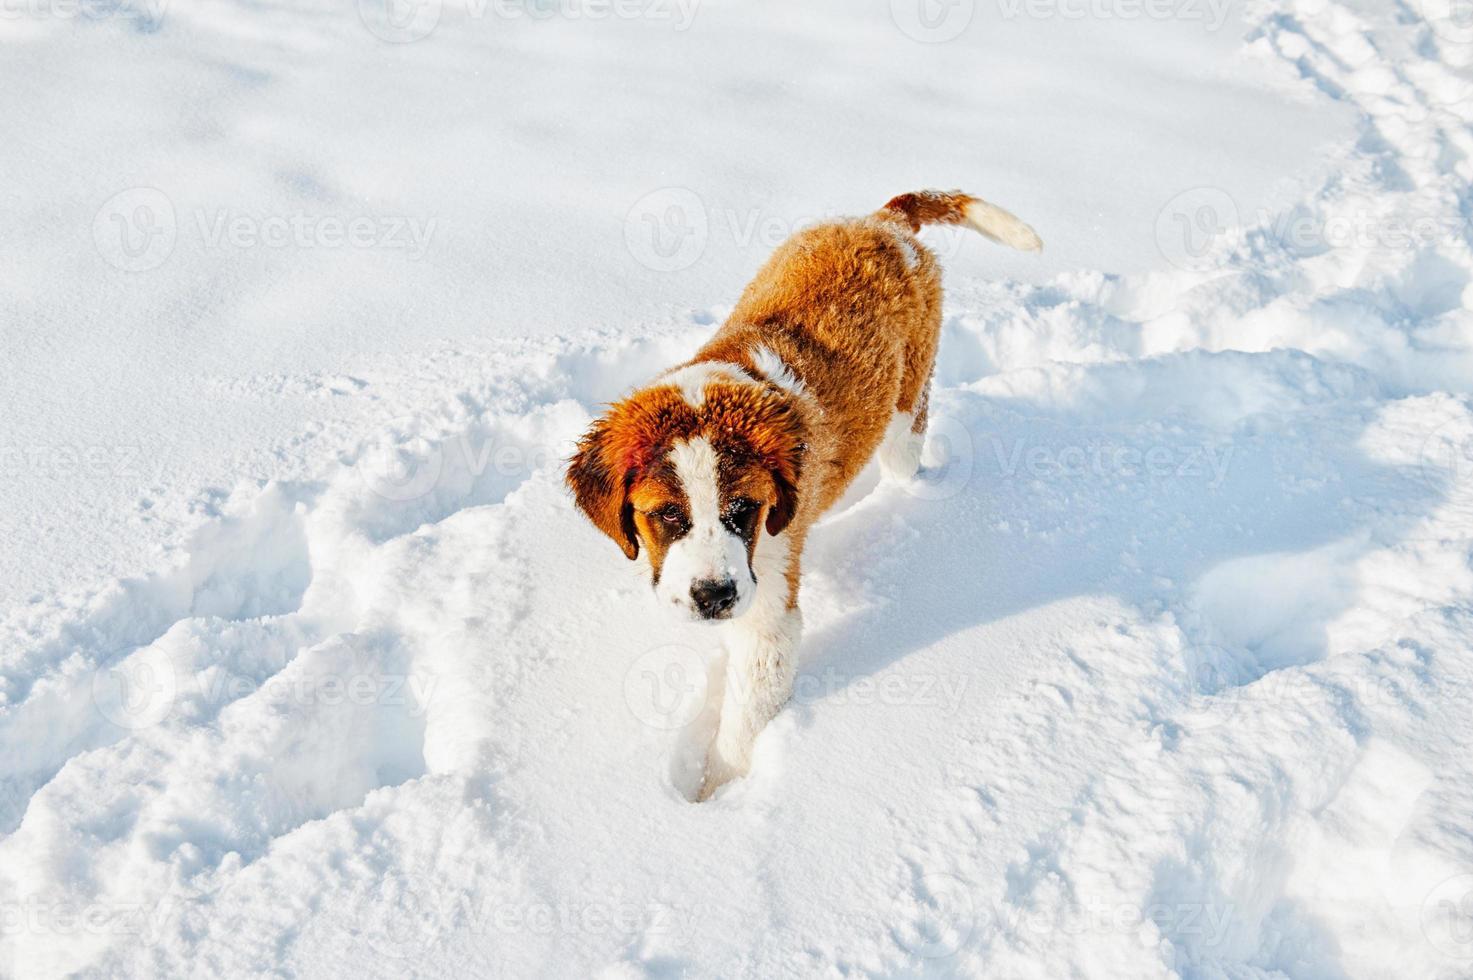 St Bernard dog photo